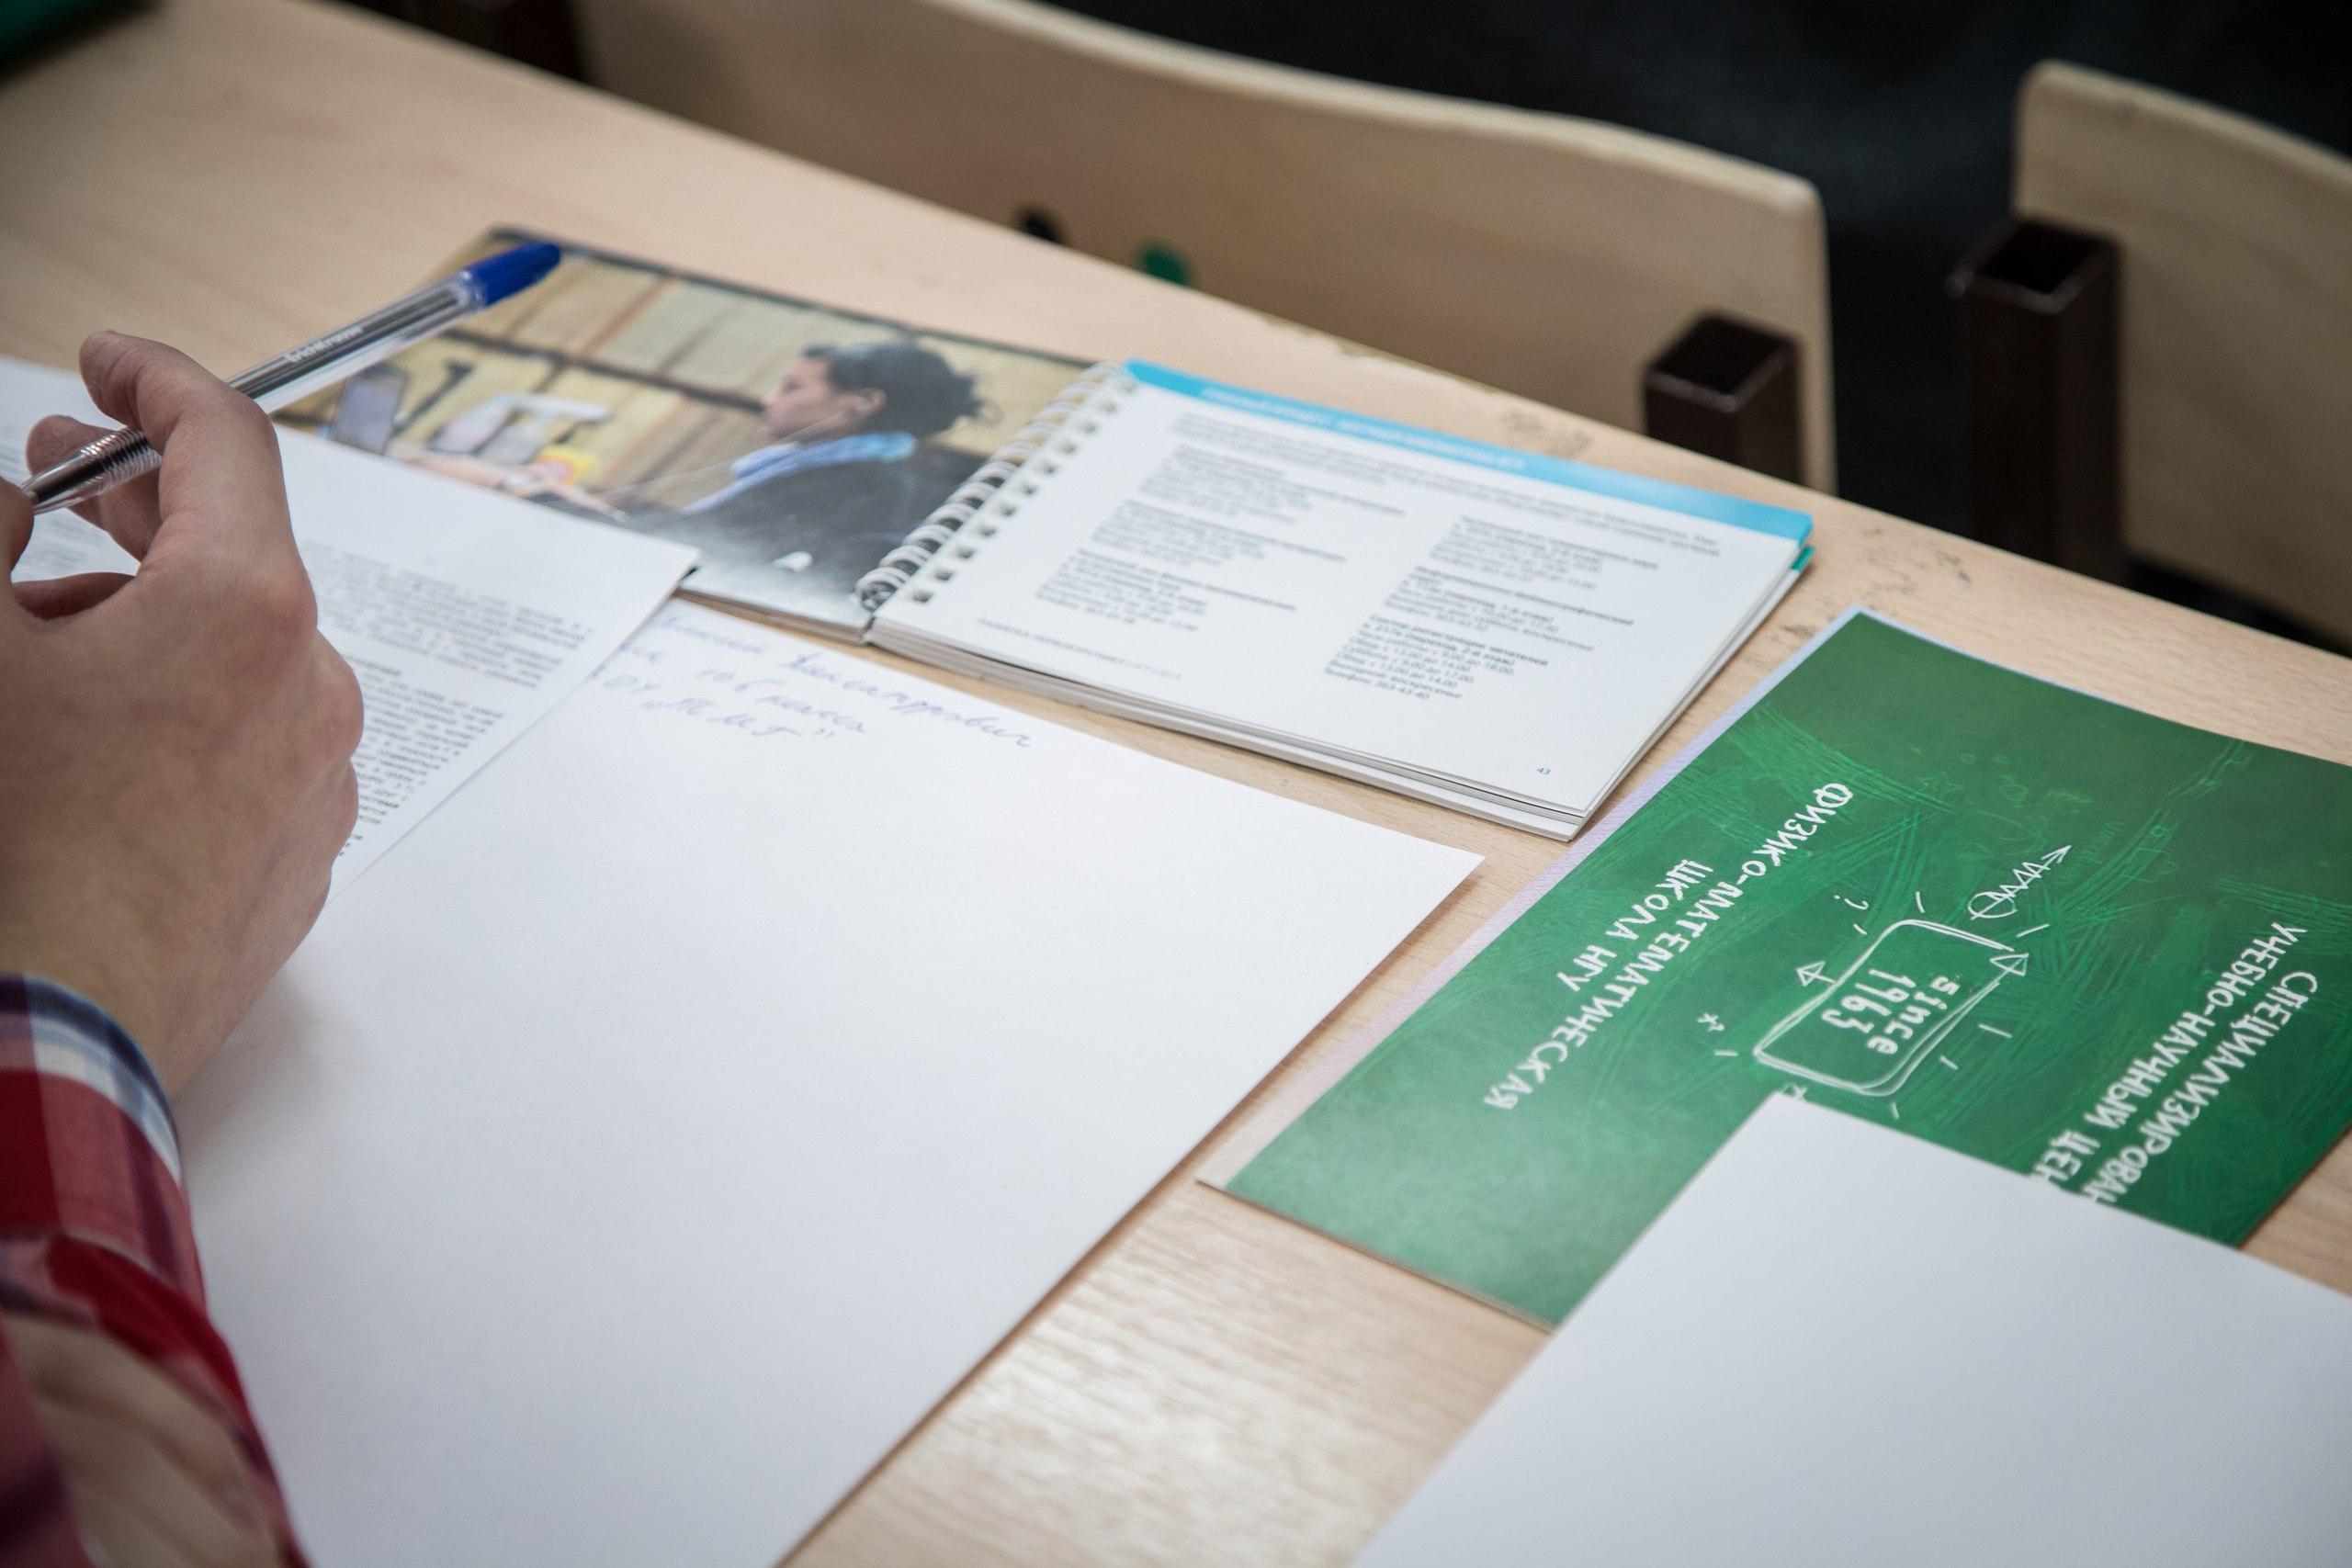 Преподаватели СУНЦ НГУ отправились в сибирские регионы на поиски талантливых школьников